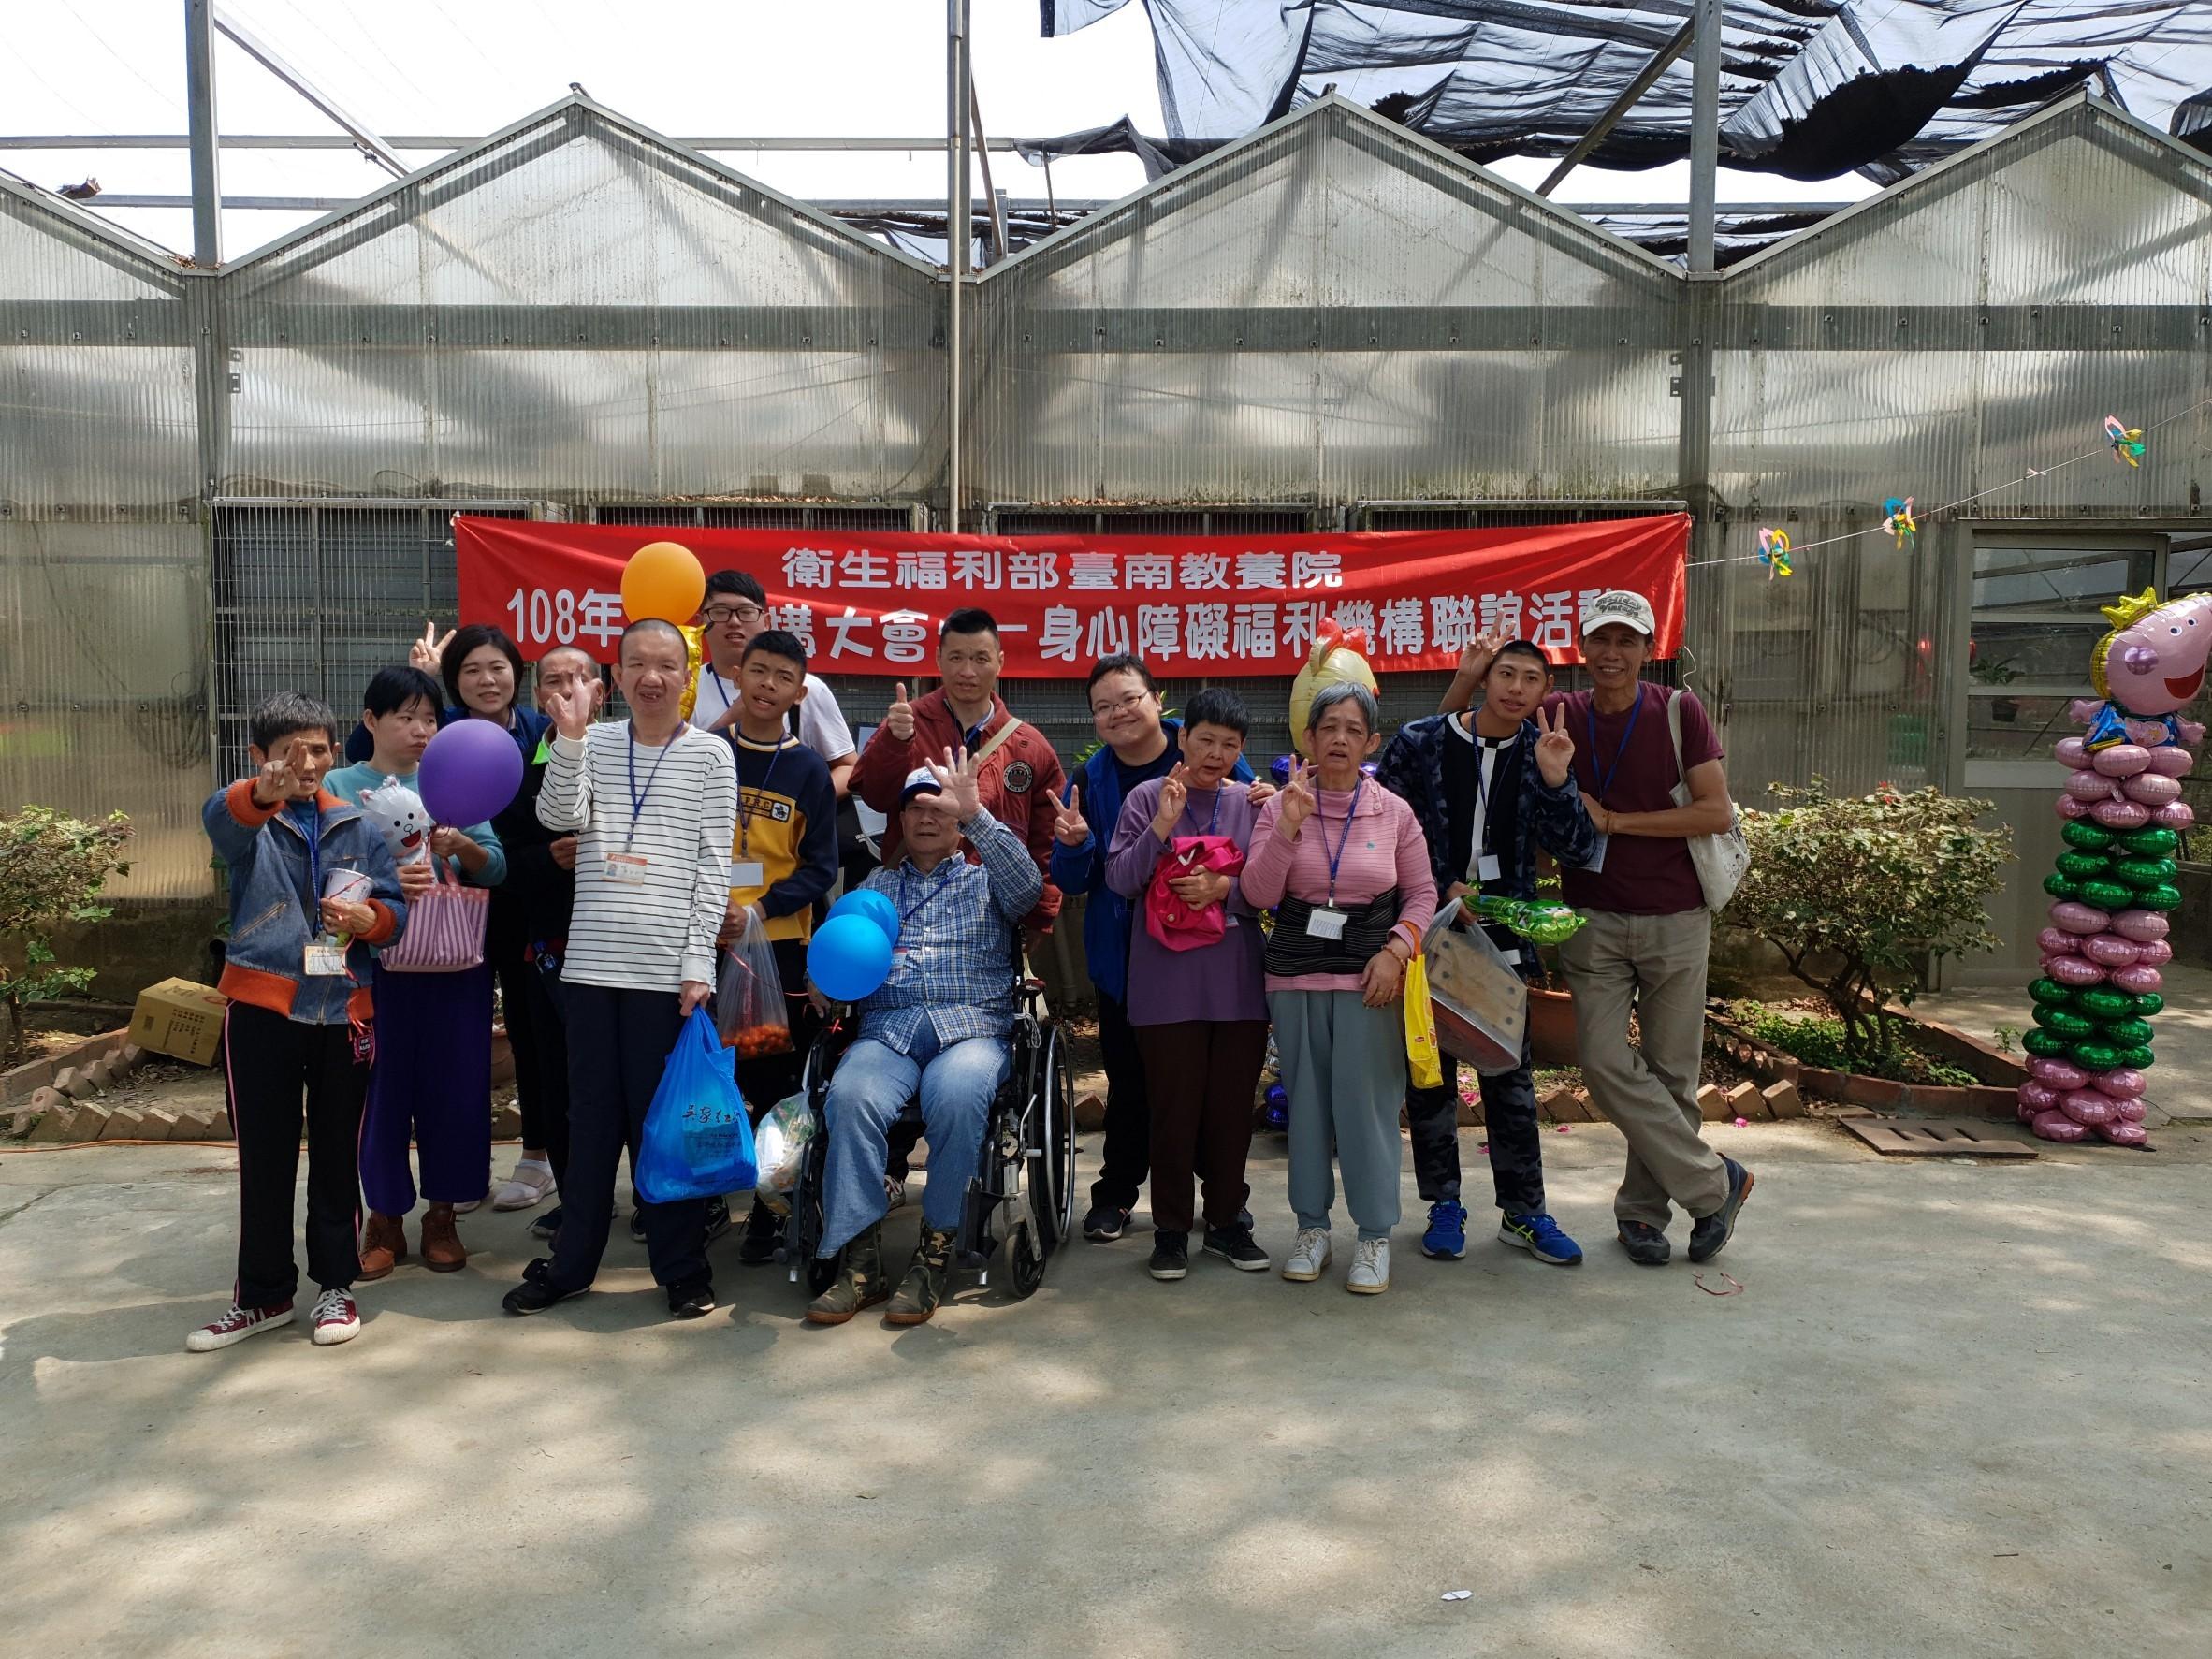 1080319台南教養院機構聯誼烤肉活動